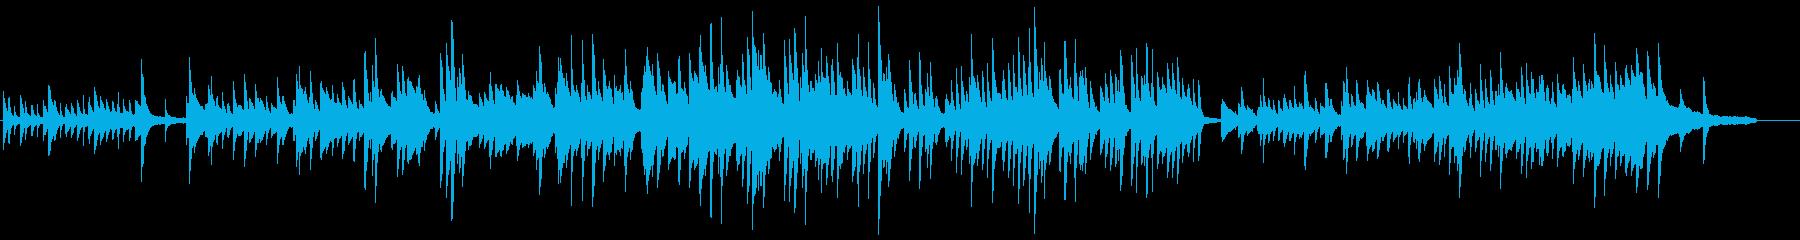 ピアノソロ・春の始まりをイメージの再生済みの波形